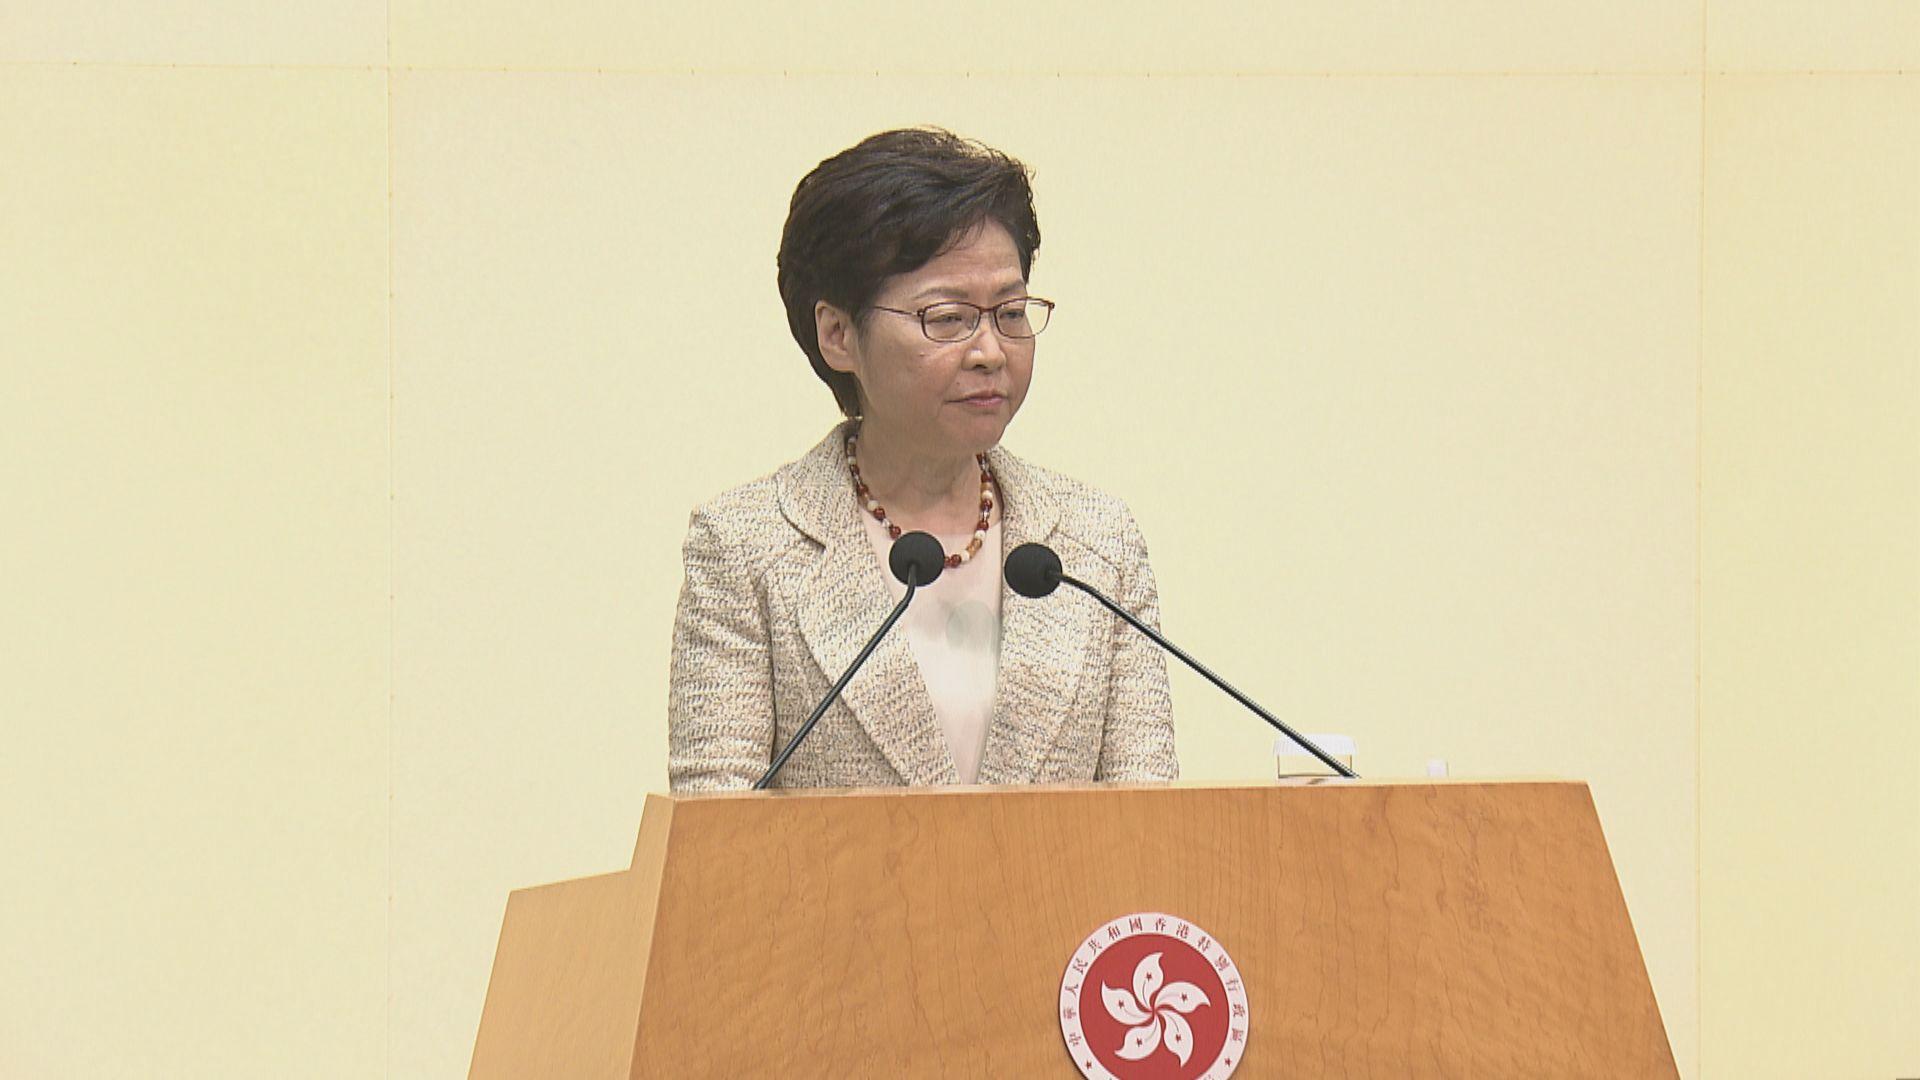 【有望清零】林鄭:要更嚴防輸入個案 更有需要「谷針」